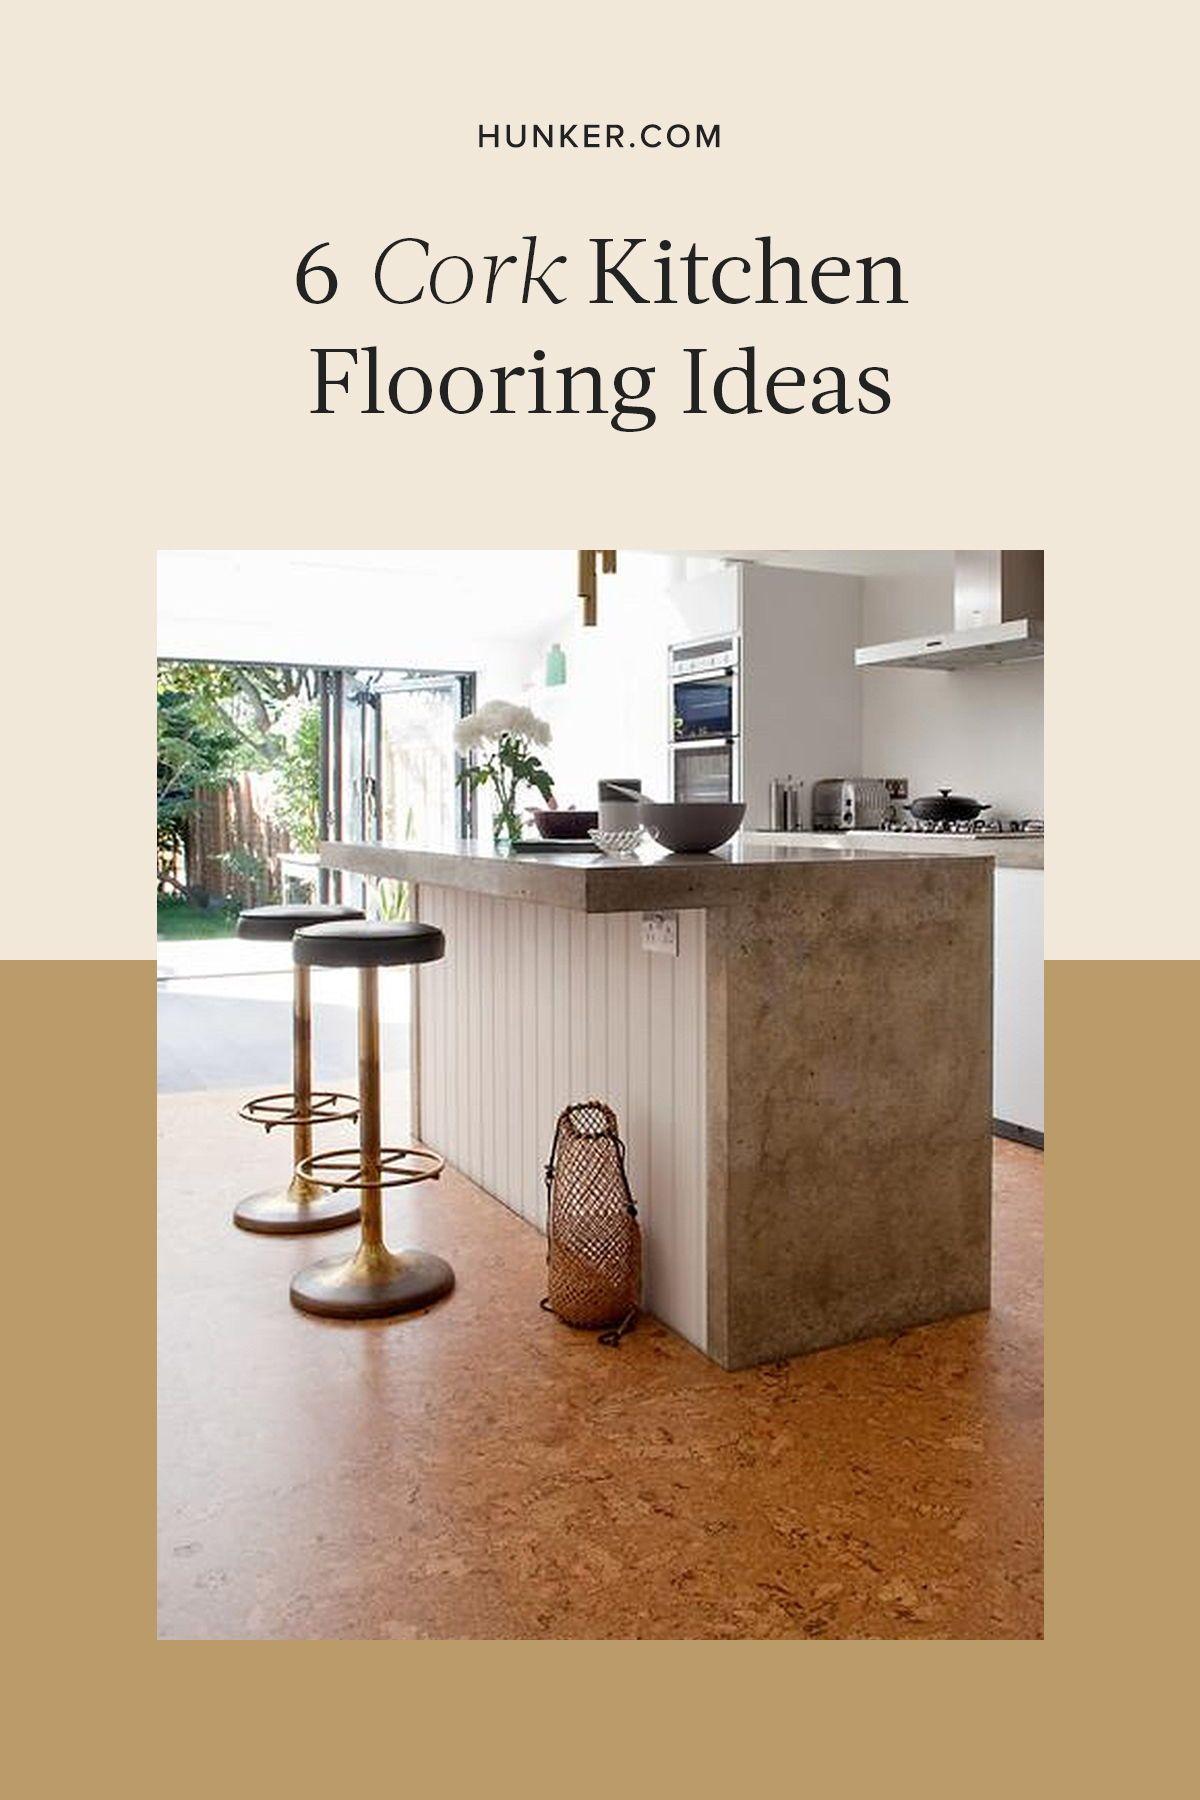 Cork Kitchen Flooring Ideas in 2020 Cork flooring